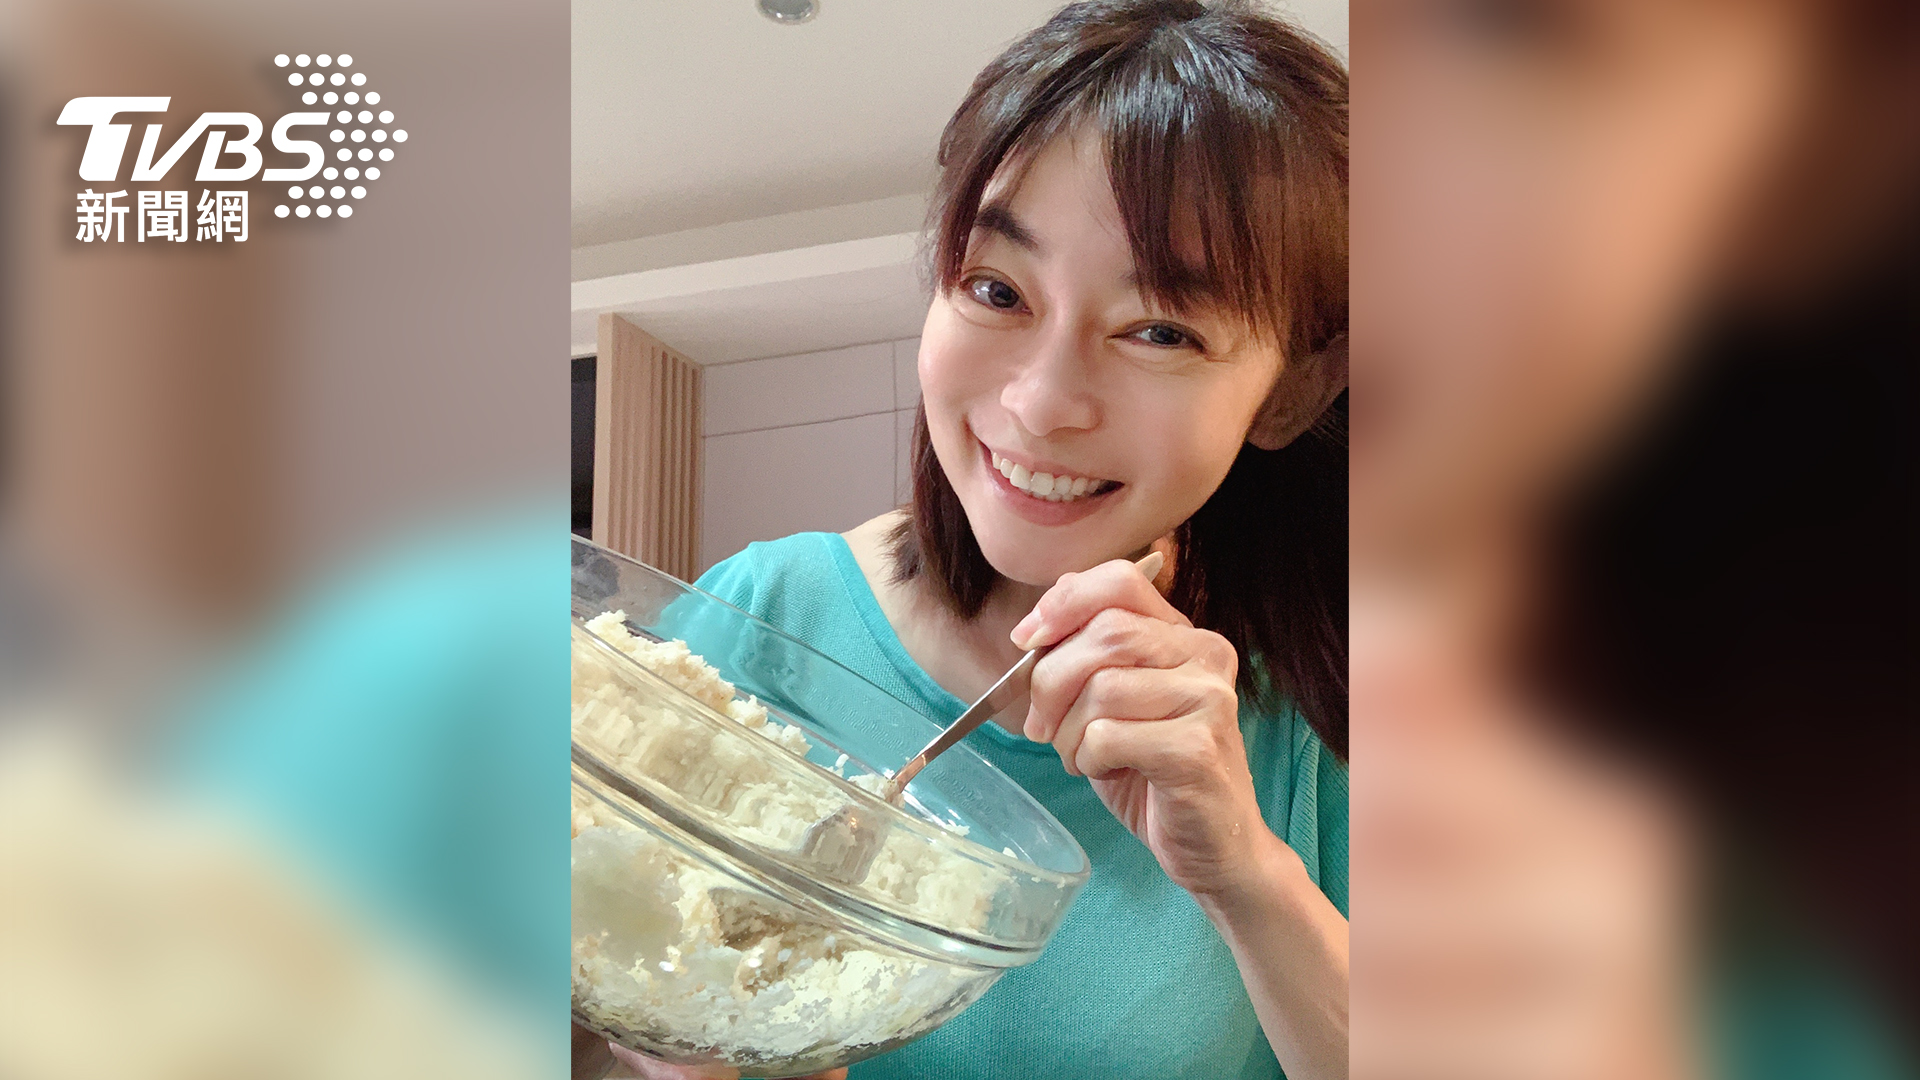 《健康2.0》主持人鄭凱云,趁著宅在家期間,每周帶著兒子安安挑戰親子料理。(圖/TVBS提供) TVBS號召「#宅在家就好」為醫護加油  藝人、專家串聯響應 宅在家私生活大曝光